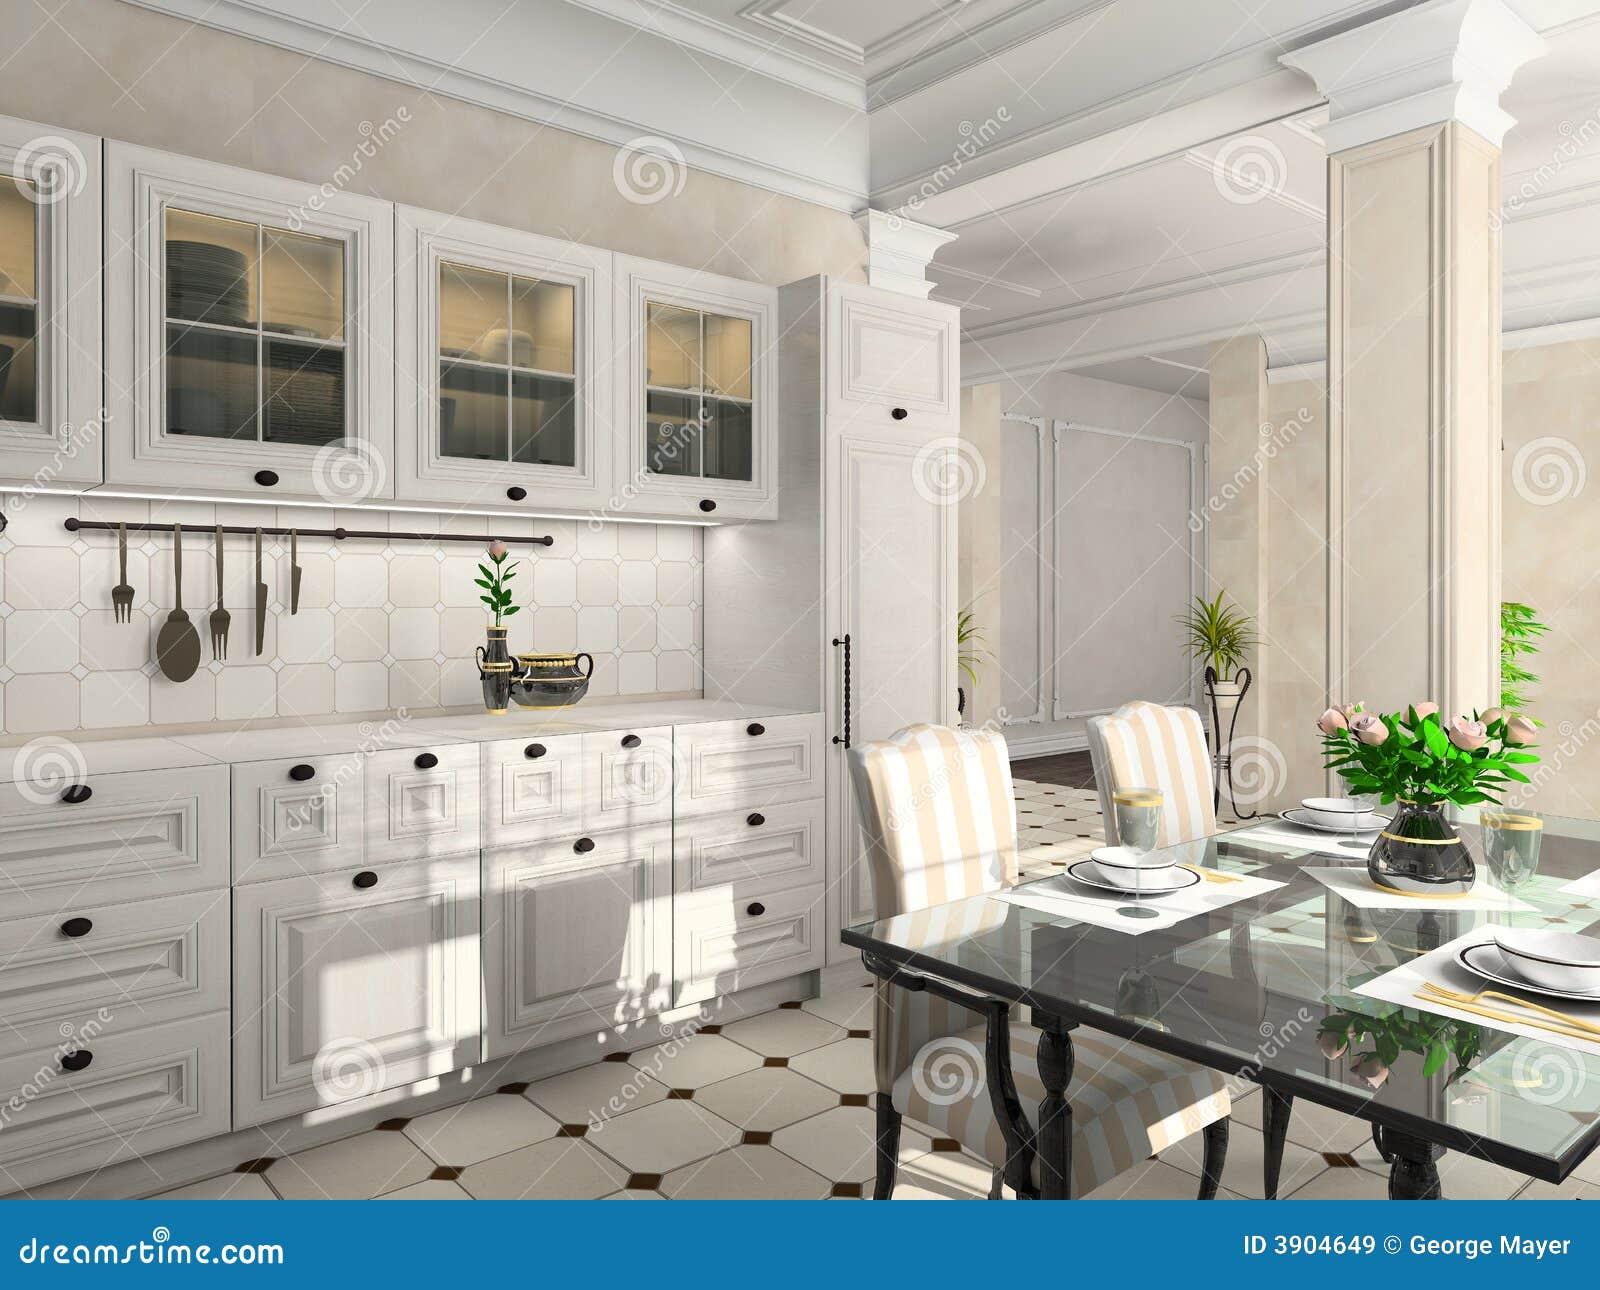 Cocina Con Los Muebles Clásicos Stock de ilustración - Ilustración ...